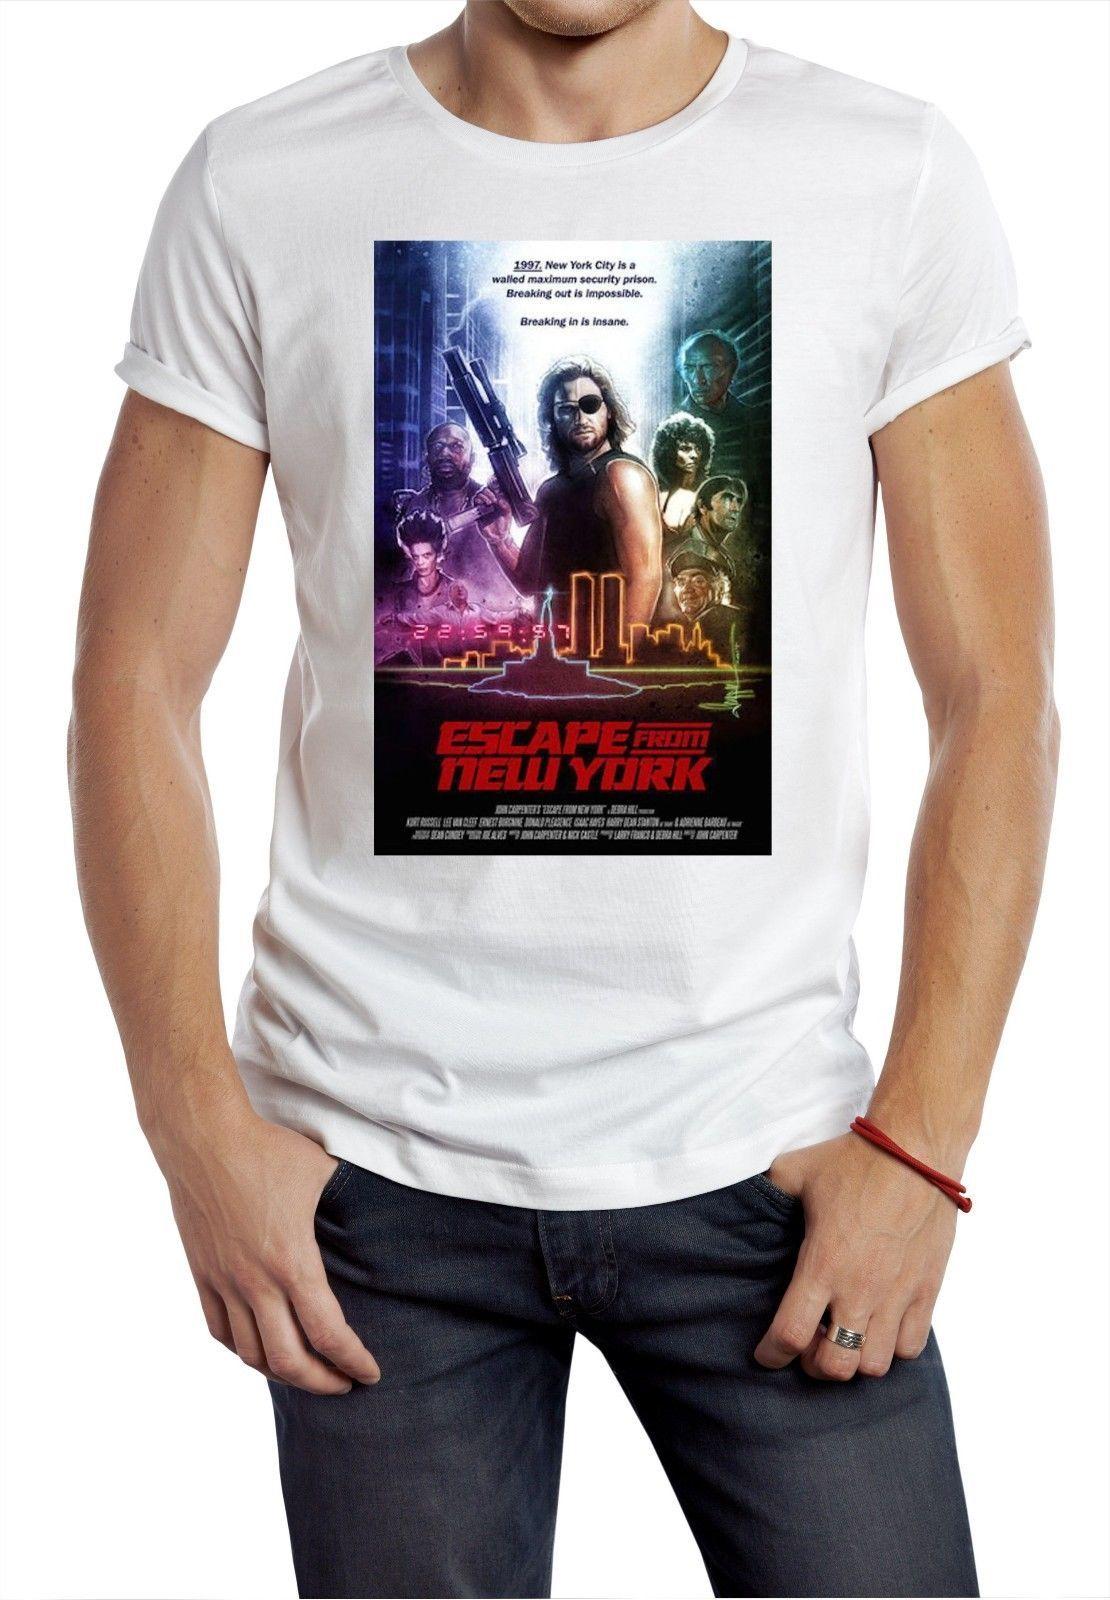 Compre Escape De Nova Iorque Camiseta Filme De Cobra Retro 80s Clássico  Filme Presidente Futuros Homens Tops Tees Casual Tshirt Masculino De  Ironmantees a91c4ff9092a0